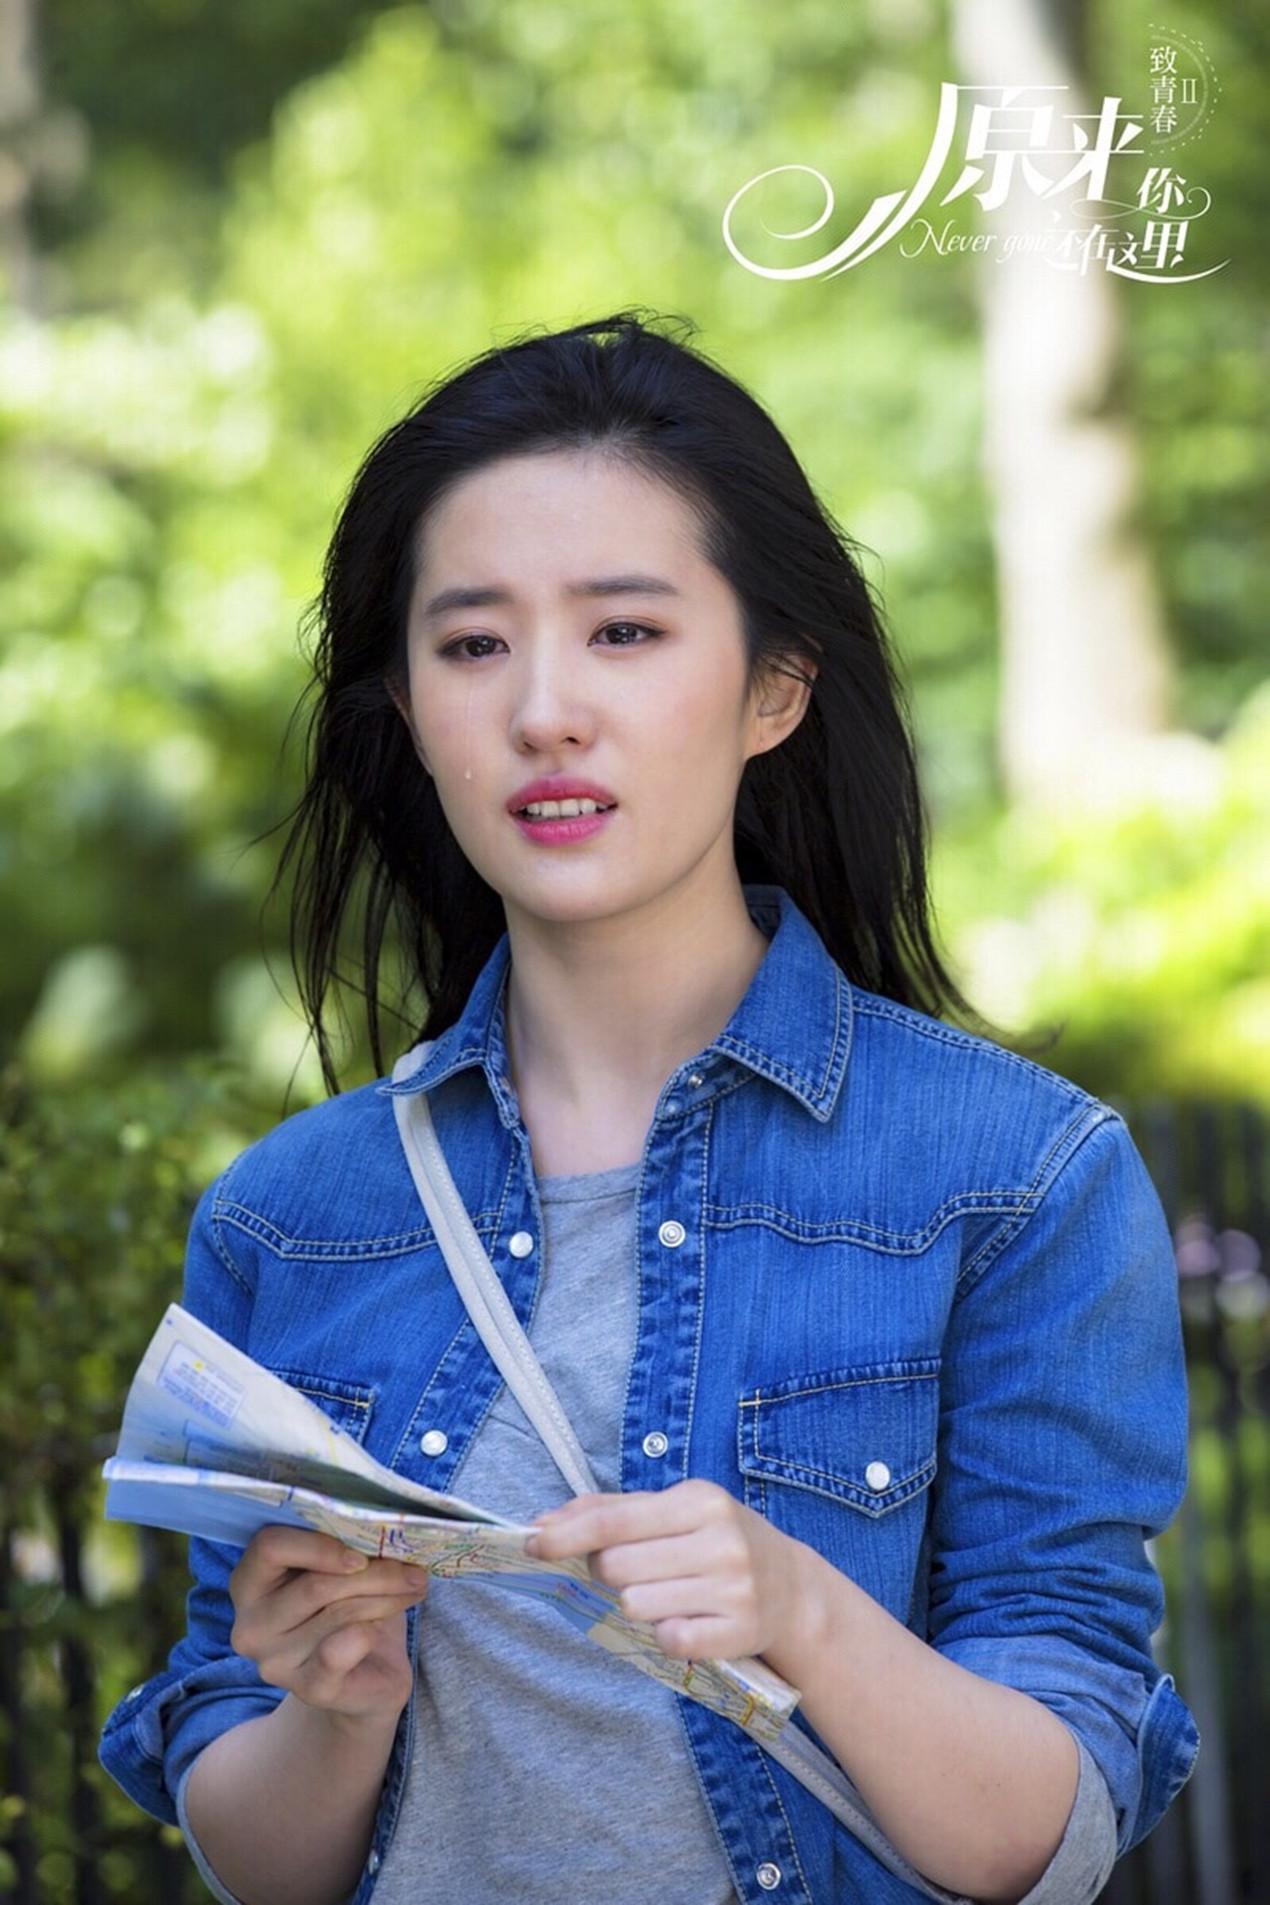 Liu Yi Fei >> 致青春·原来你还在这里图片_百度百科